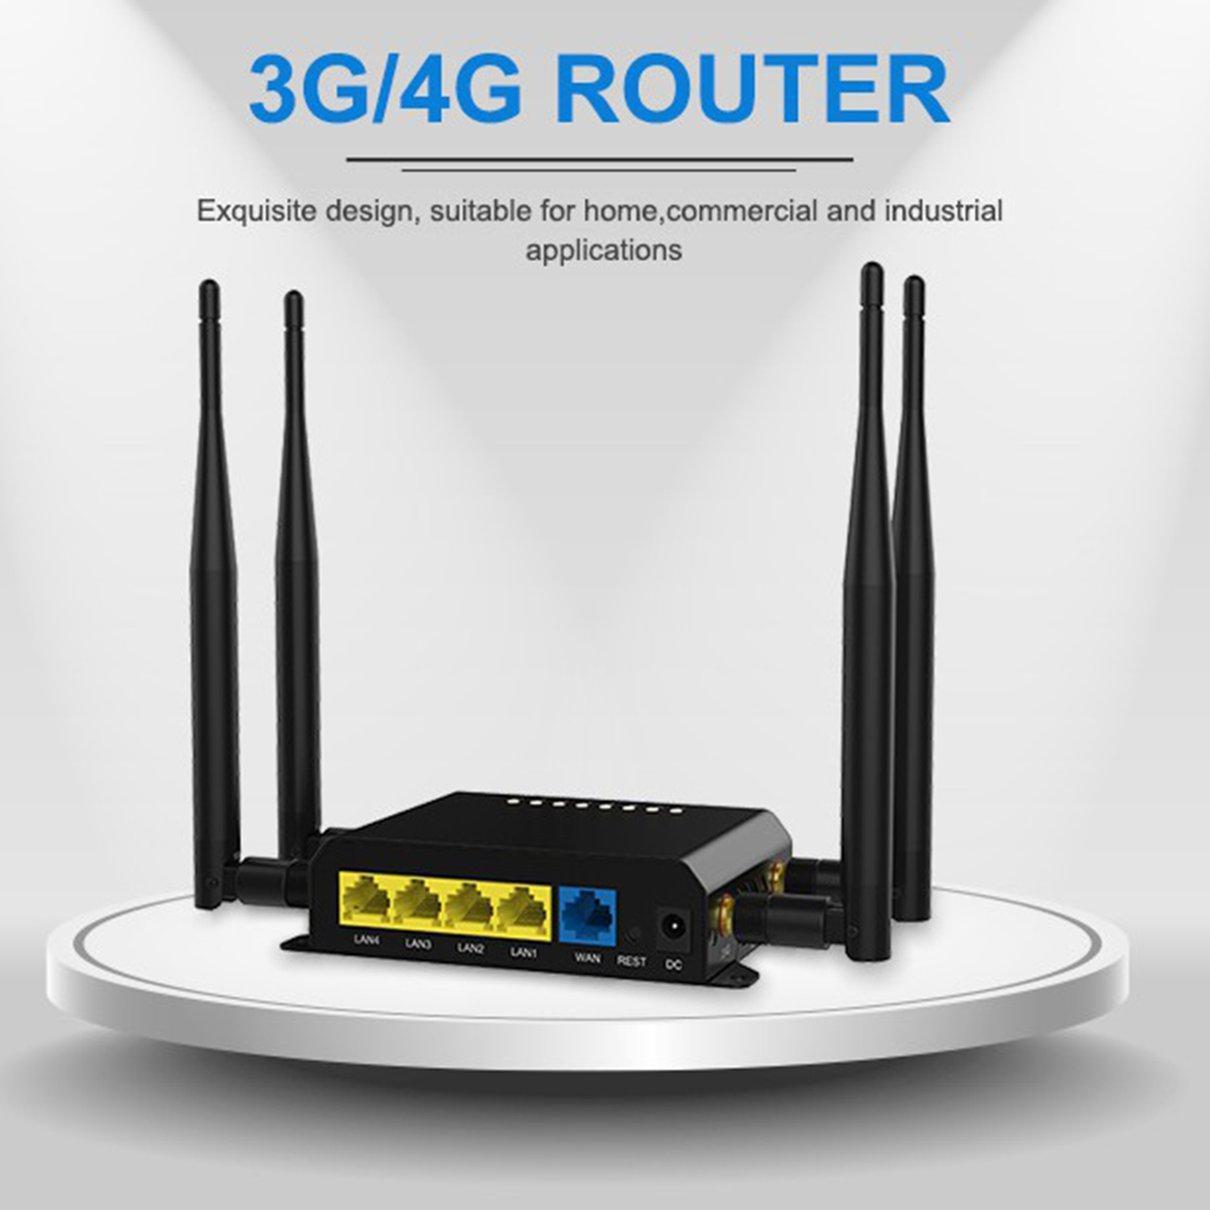 4G LTE OpenWRT Smart Router Extender High Power SIM Card WiFi Wireless External 5dbi Antenna enlarge